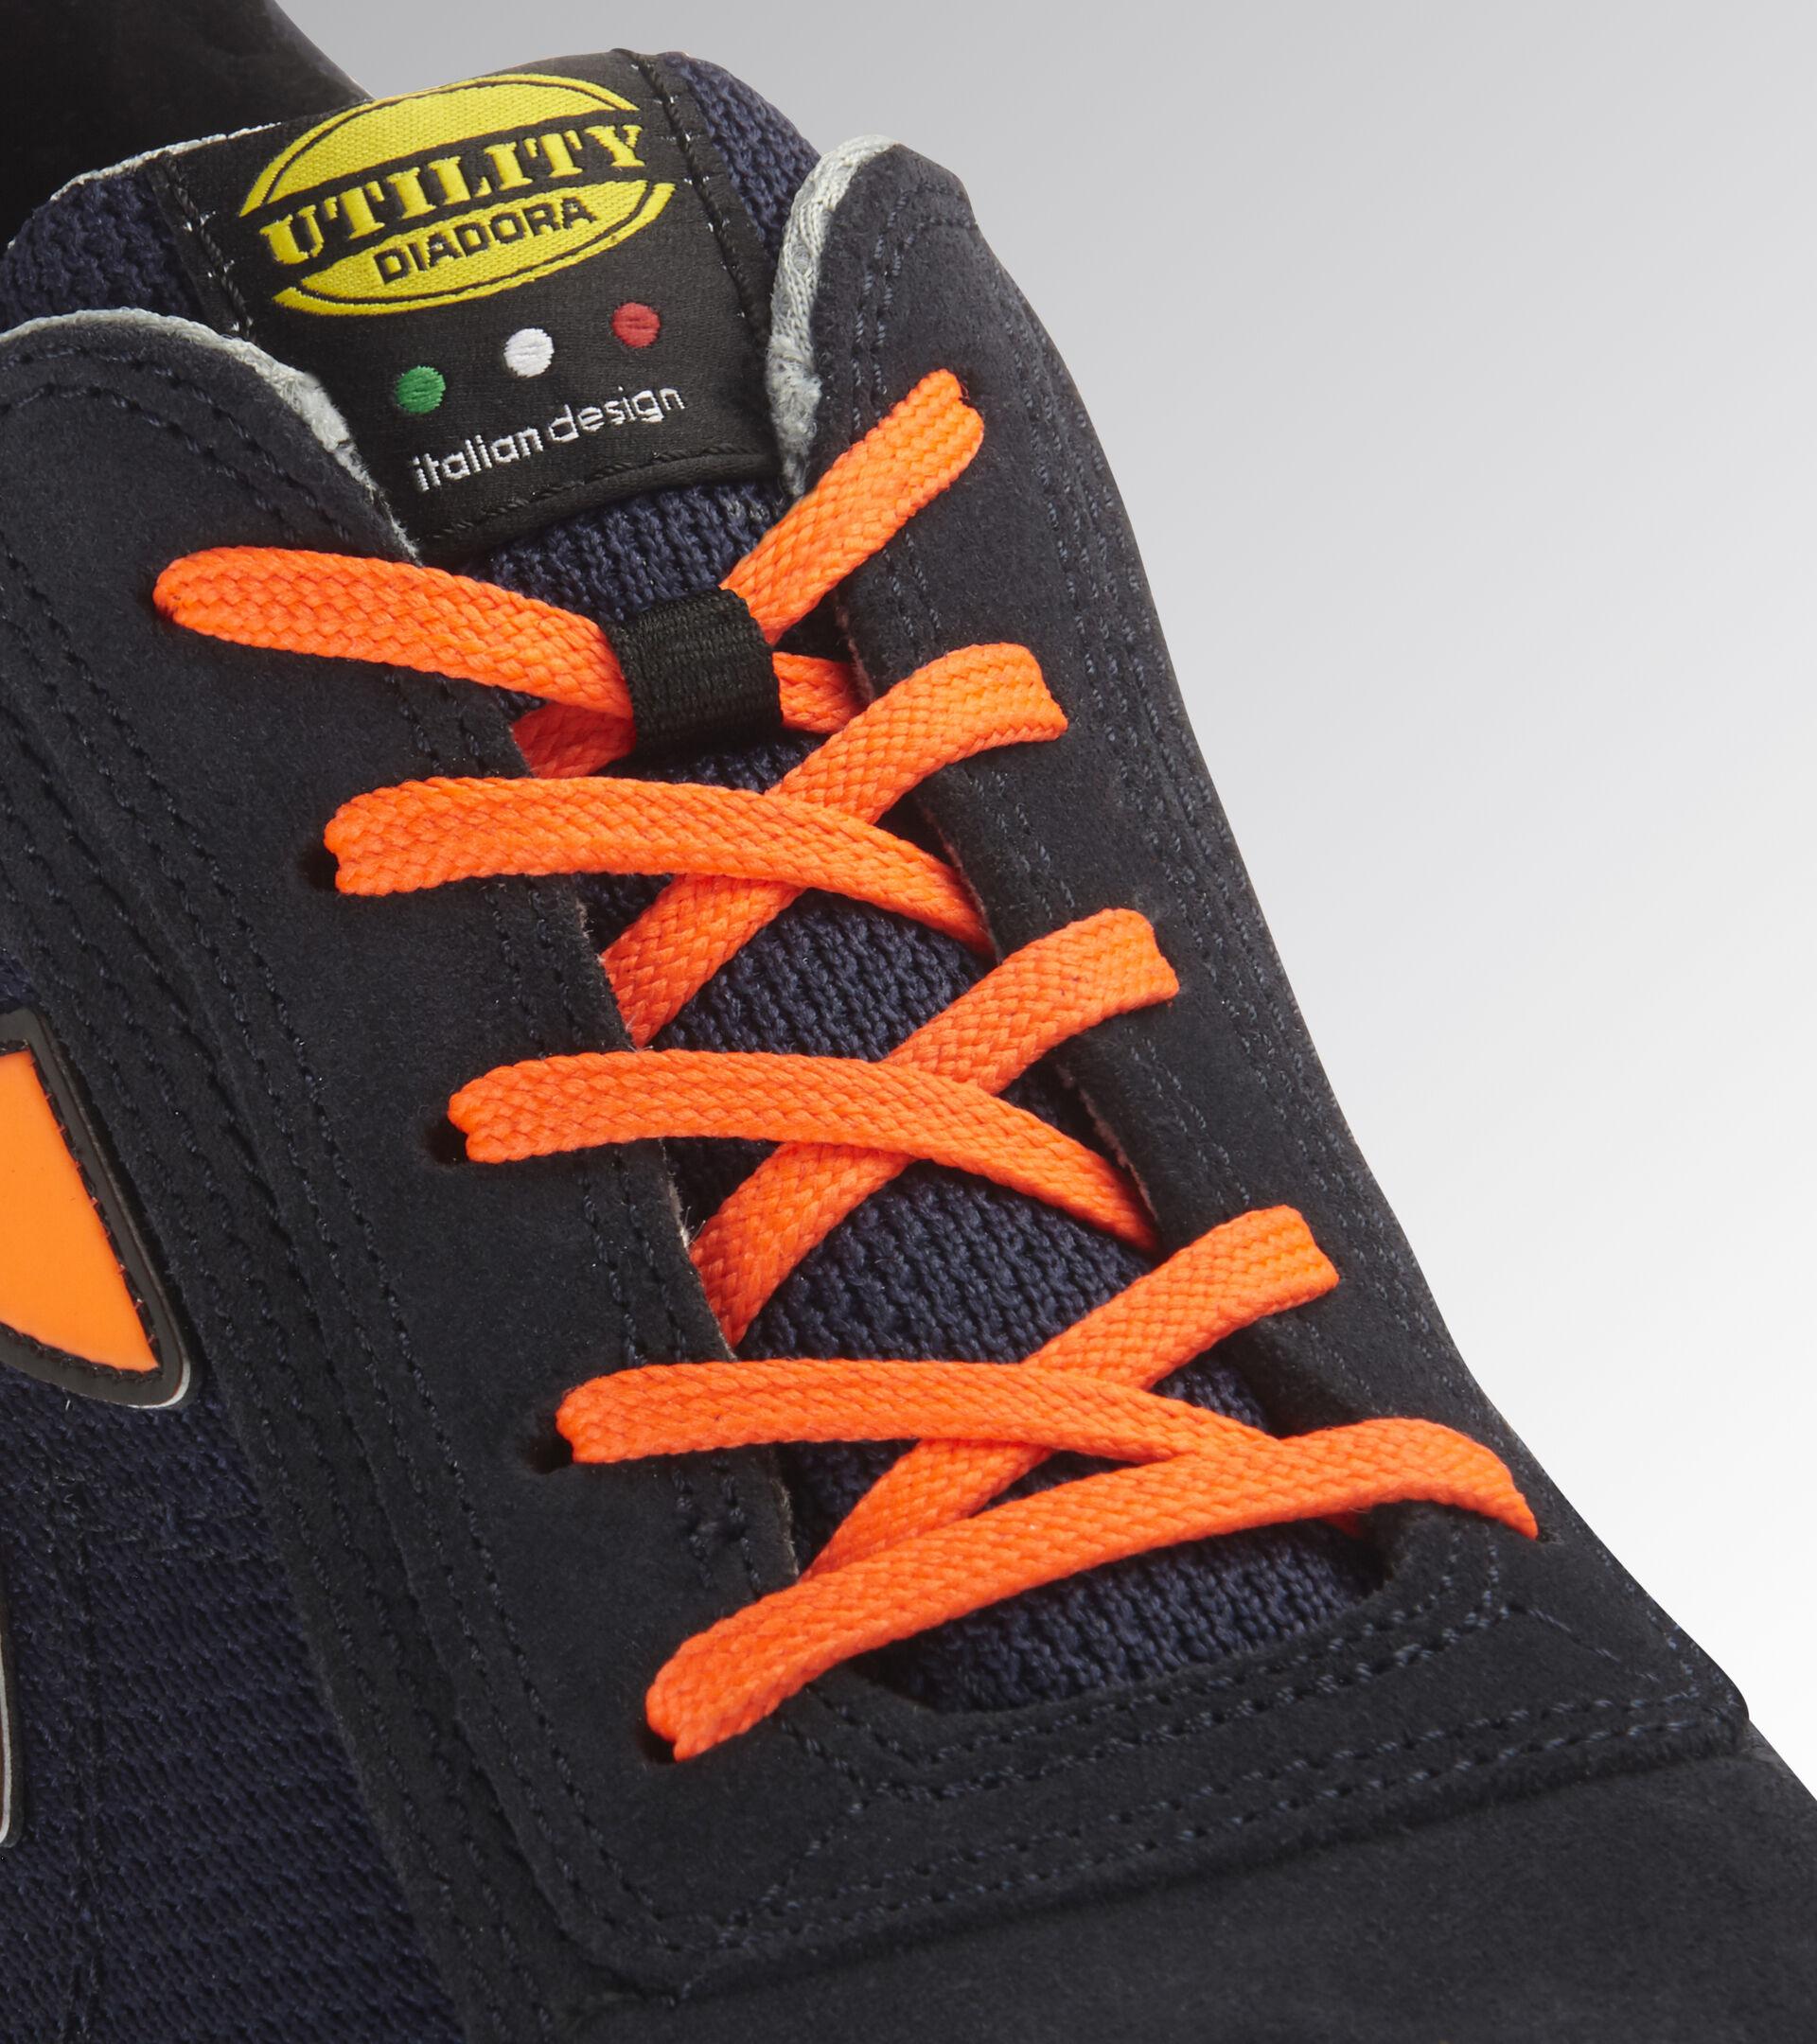 Footwear Utility UNISEX GLOVE MDS TEXT LOW S1P HRO SRC DARK NAVY/ORANGE FLUO Utility